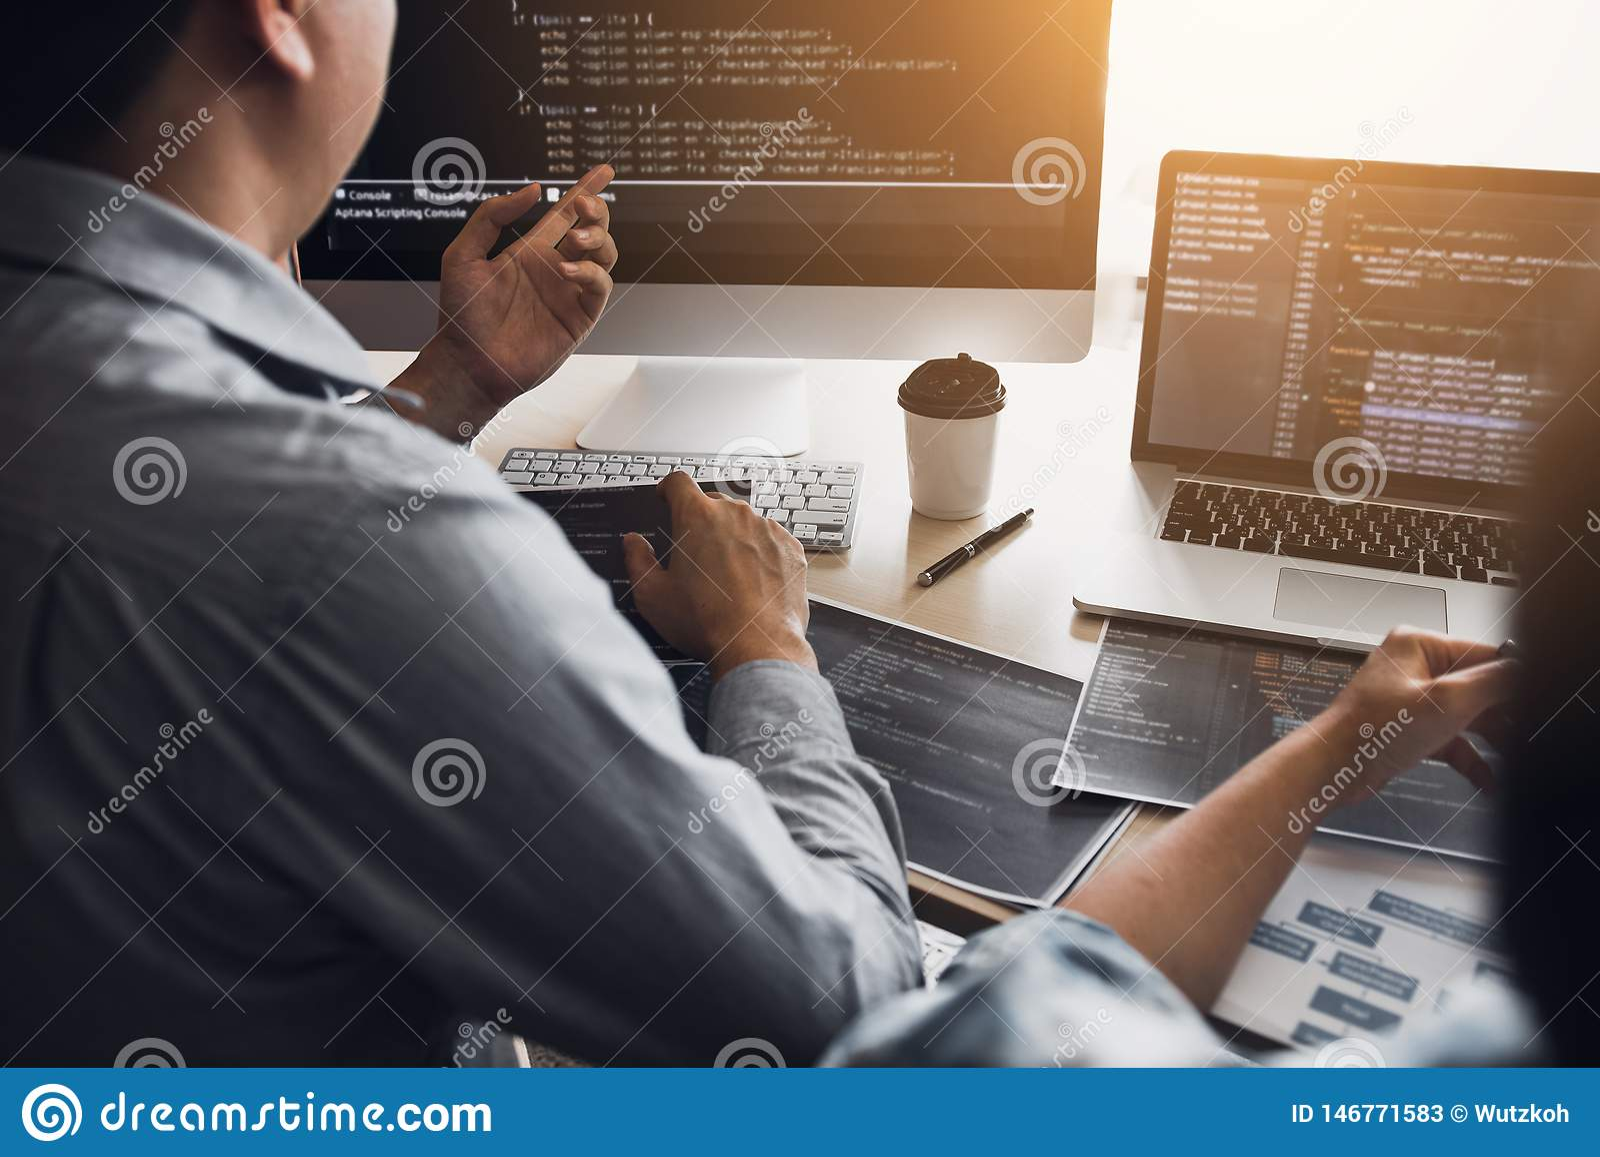 Dos desarrolladores de software están utilizando los ordenadores para trabajar así como su socio en el escritorio de oficina